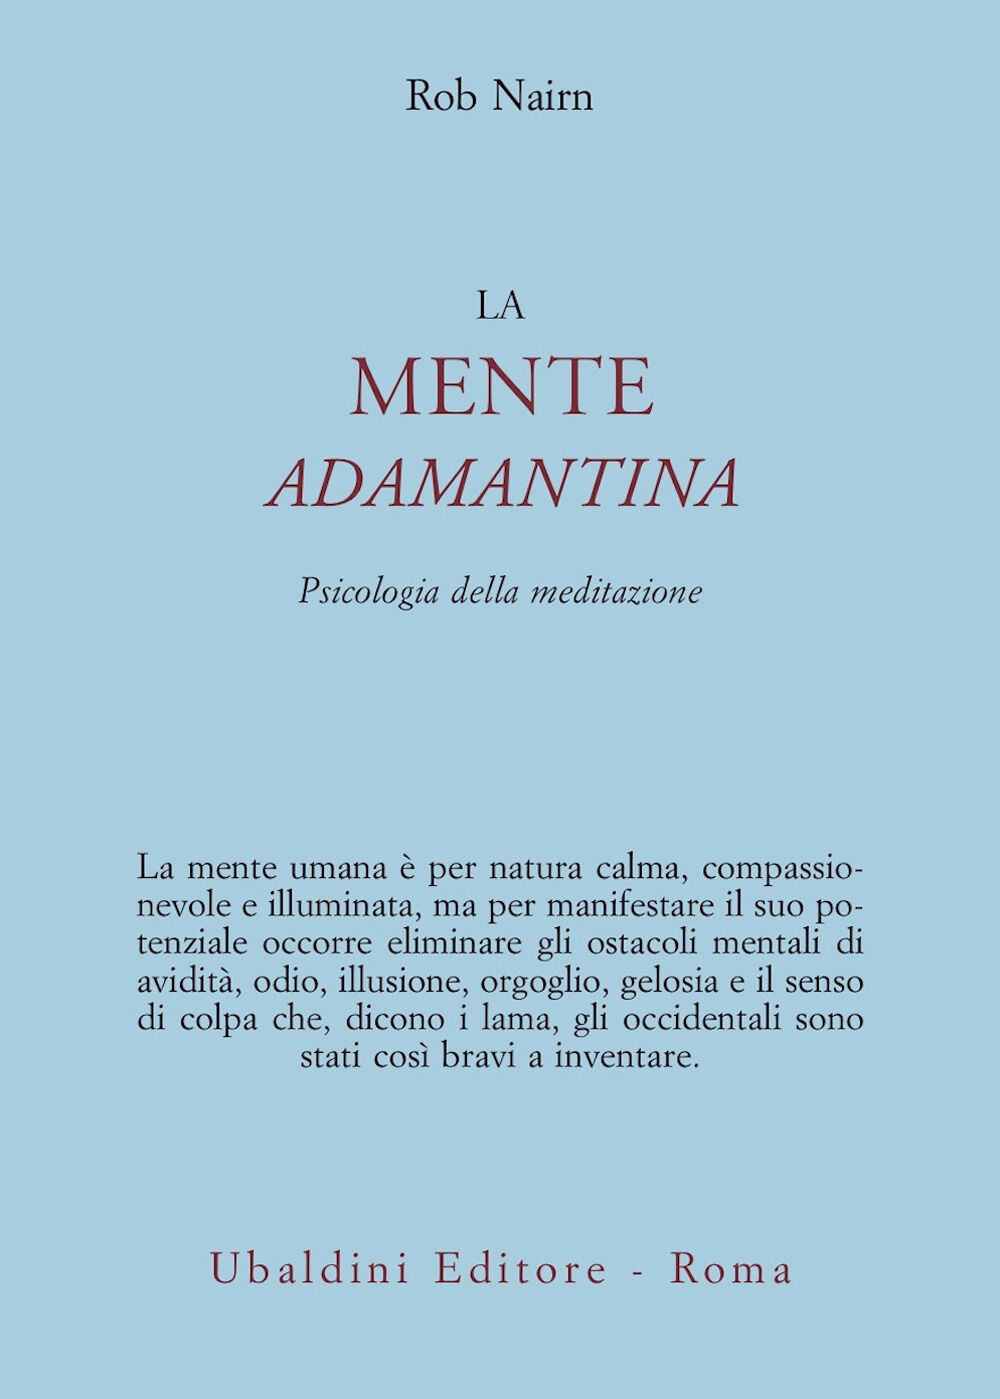 La mente adamantina. Psicologia della meditazione